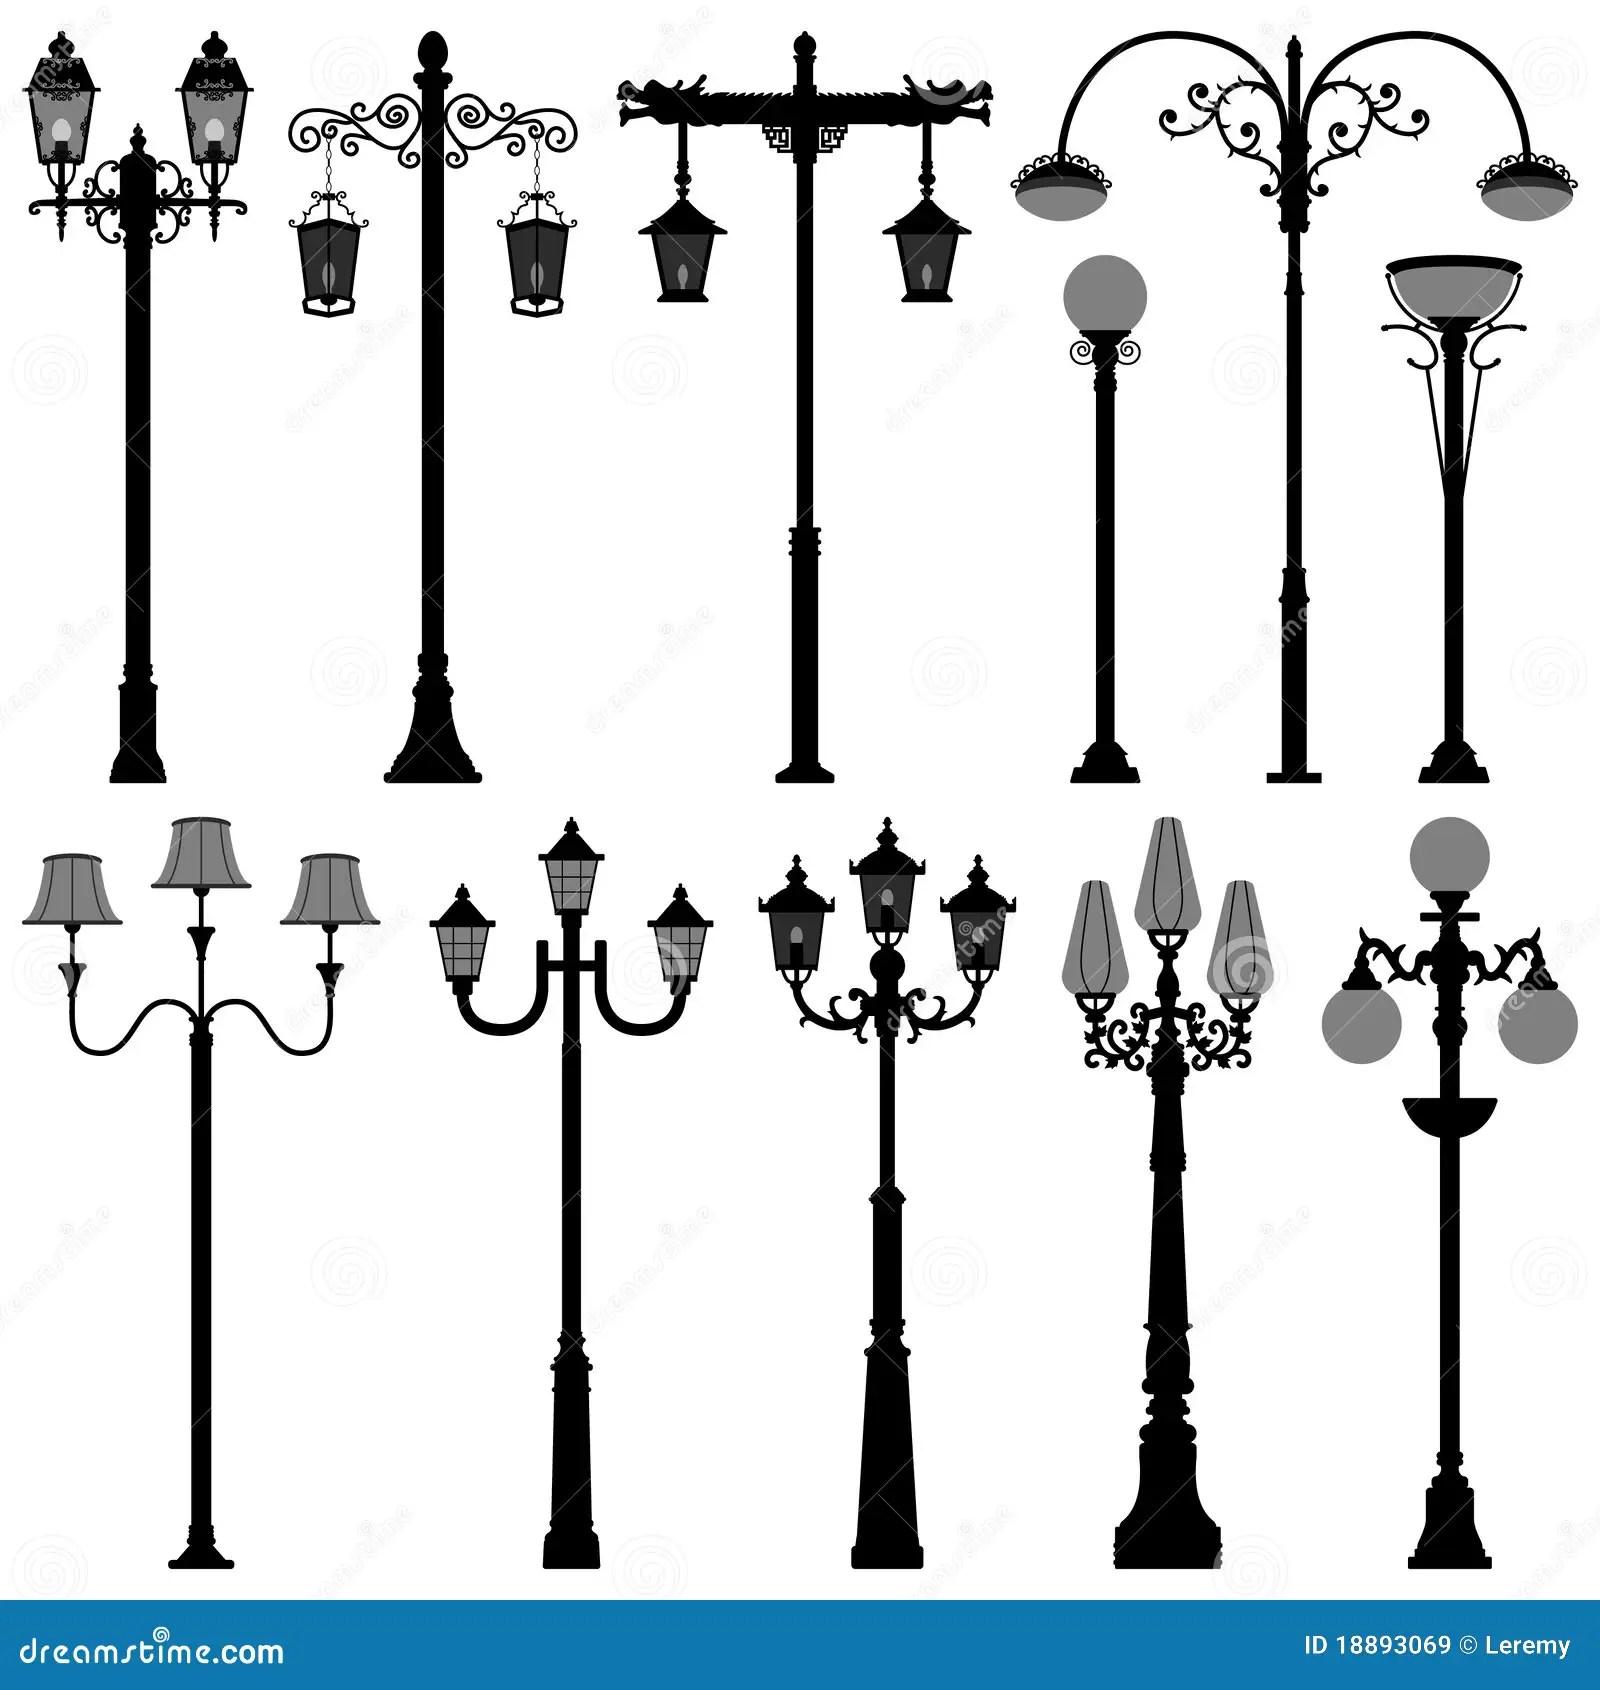 Straat Polelight Van De Lantaarnpaal Van De Lamp De Post